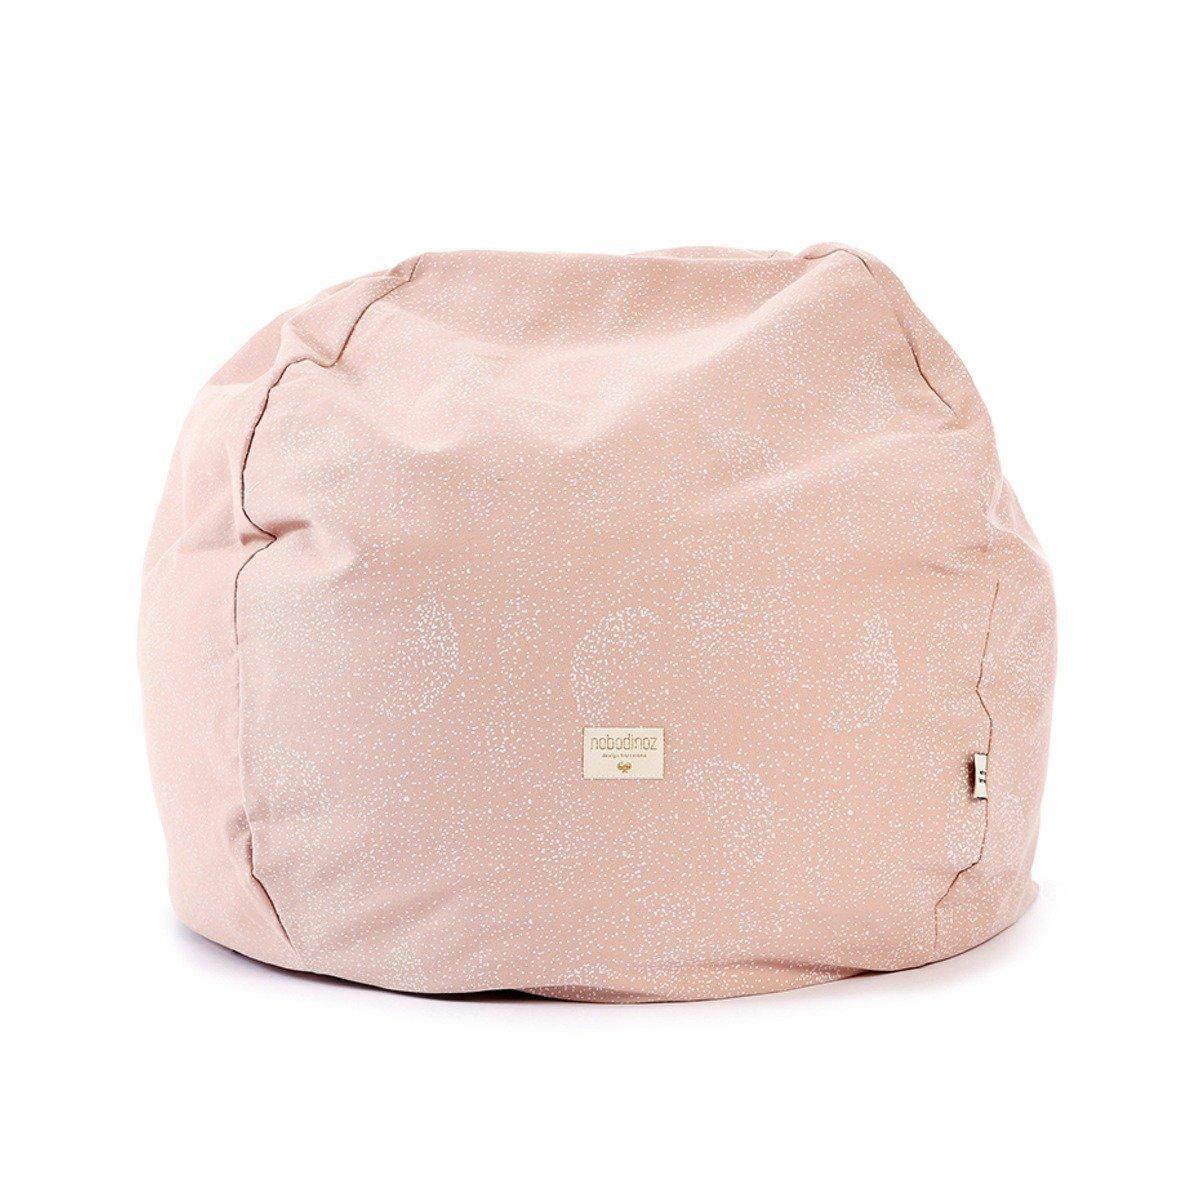 Nobodinoz Kinder-Sitzsack ´´Balloon´´ inkl. Füllung aus Baumwolle (60x60x44  cm) rosa mit Punkten in weiß